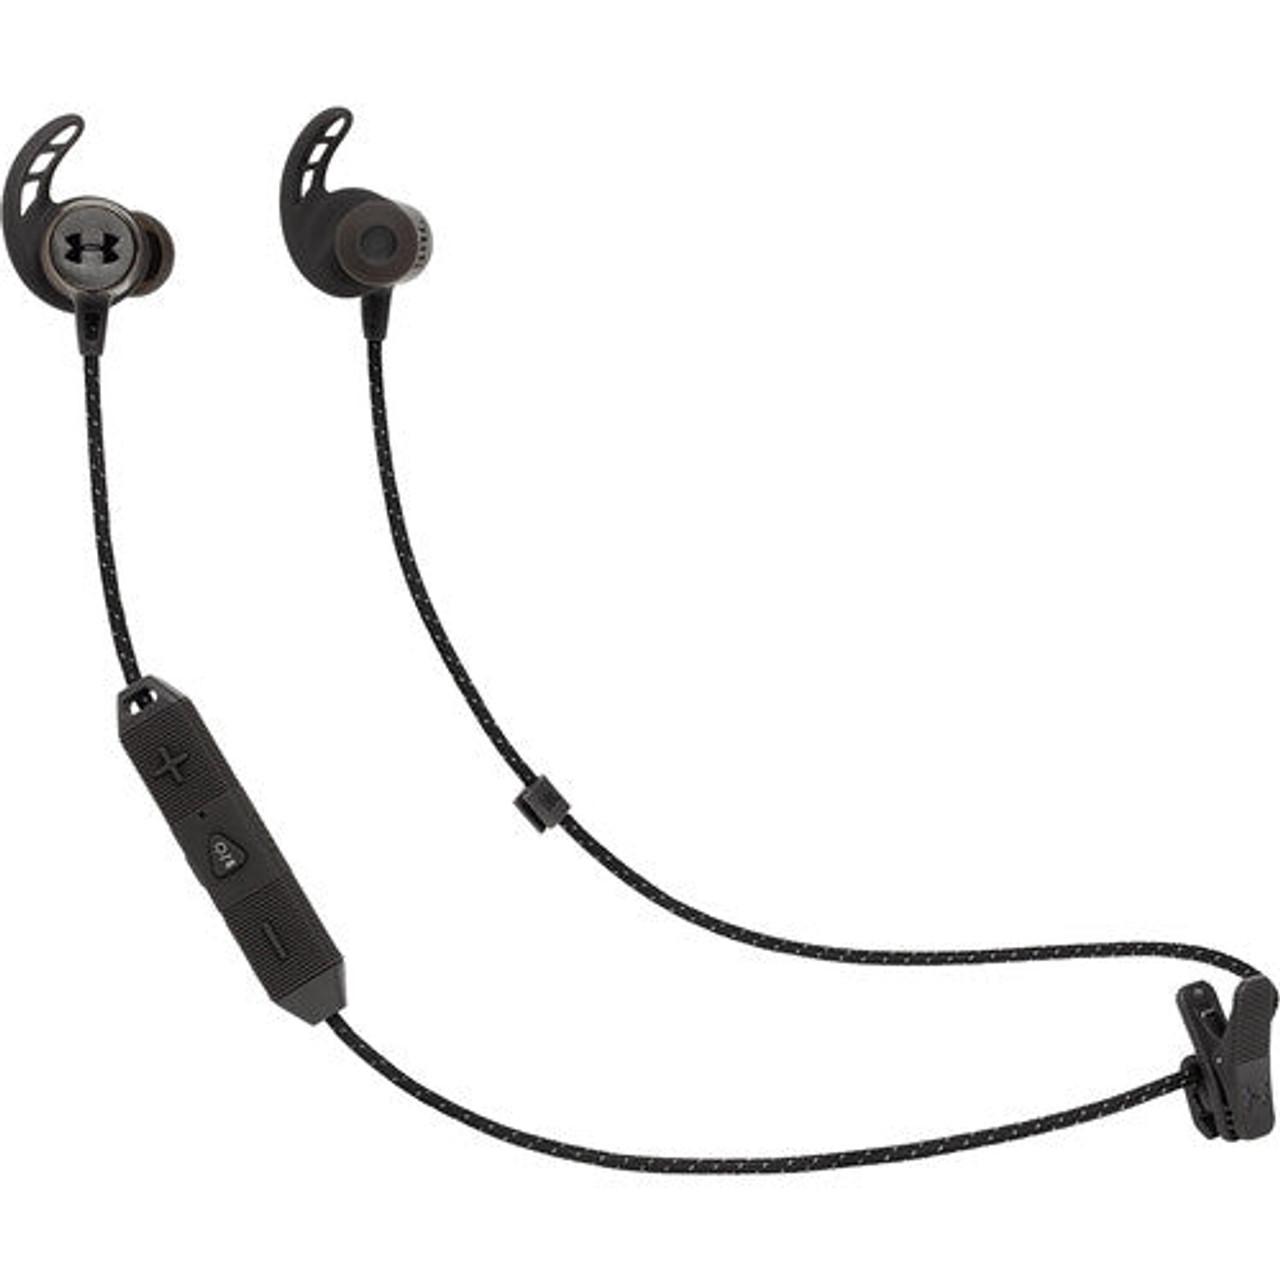 JBL UAJBLREACTBLKAM-Z UnderArmor Blutooth Headphones, Black - Certified Refurbished